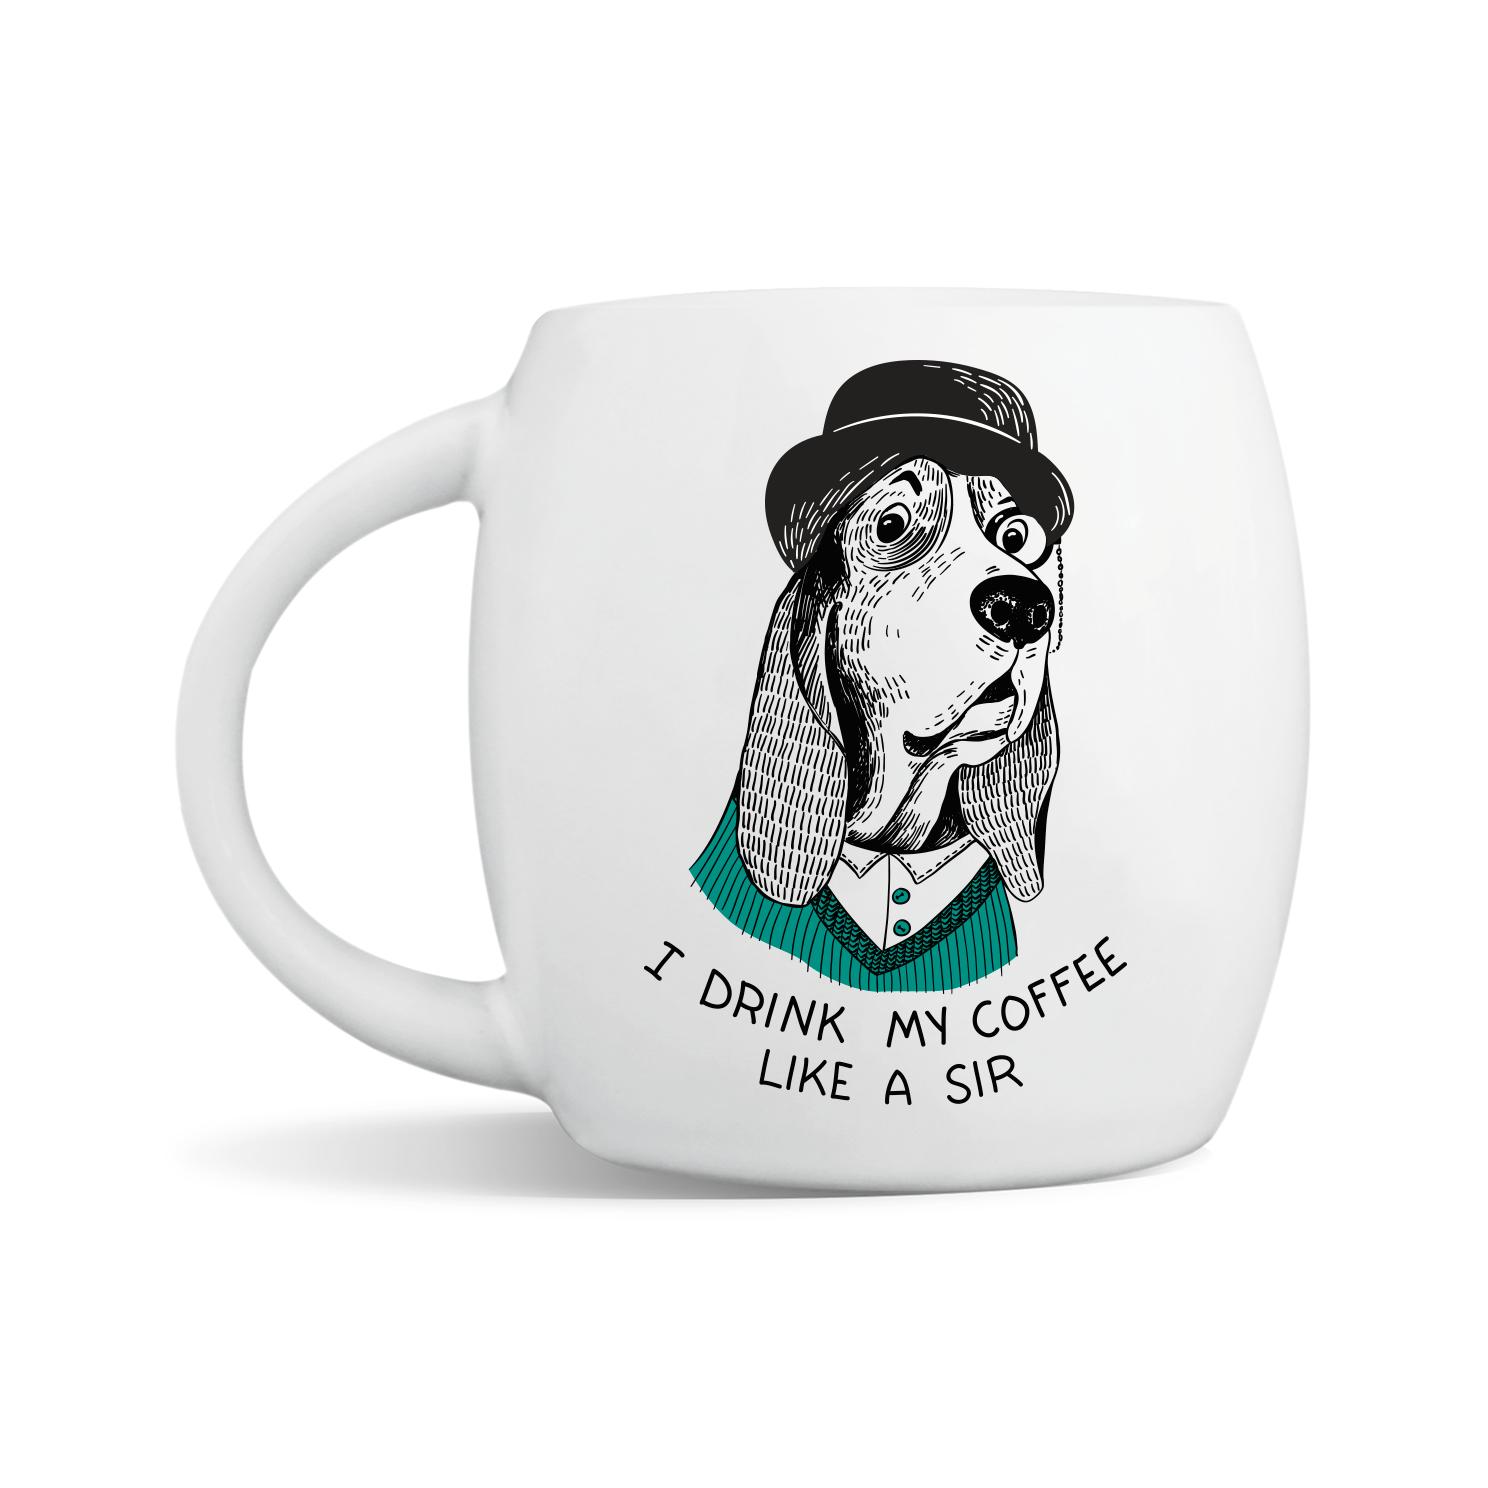 PompousBasset Hound Mug | Trada Marketplace